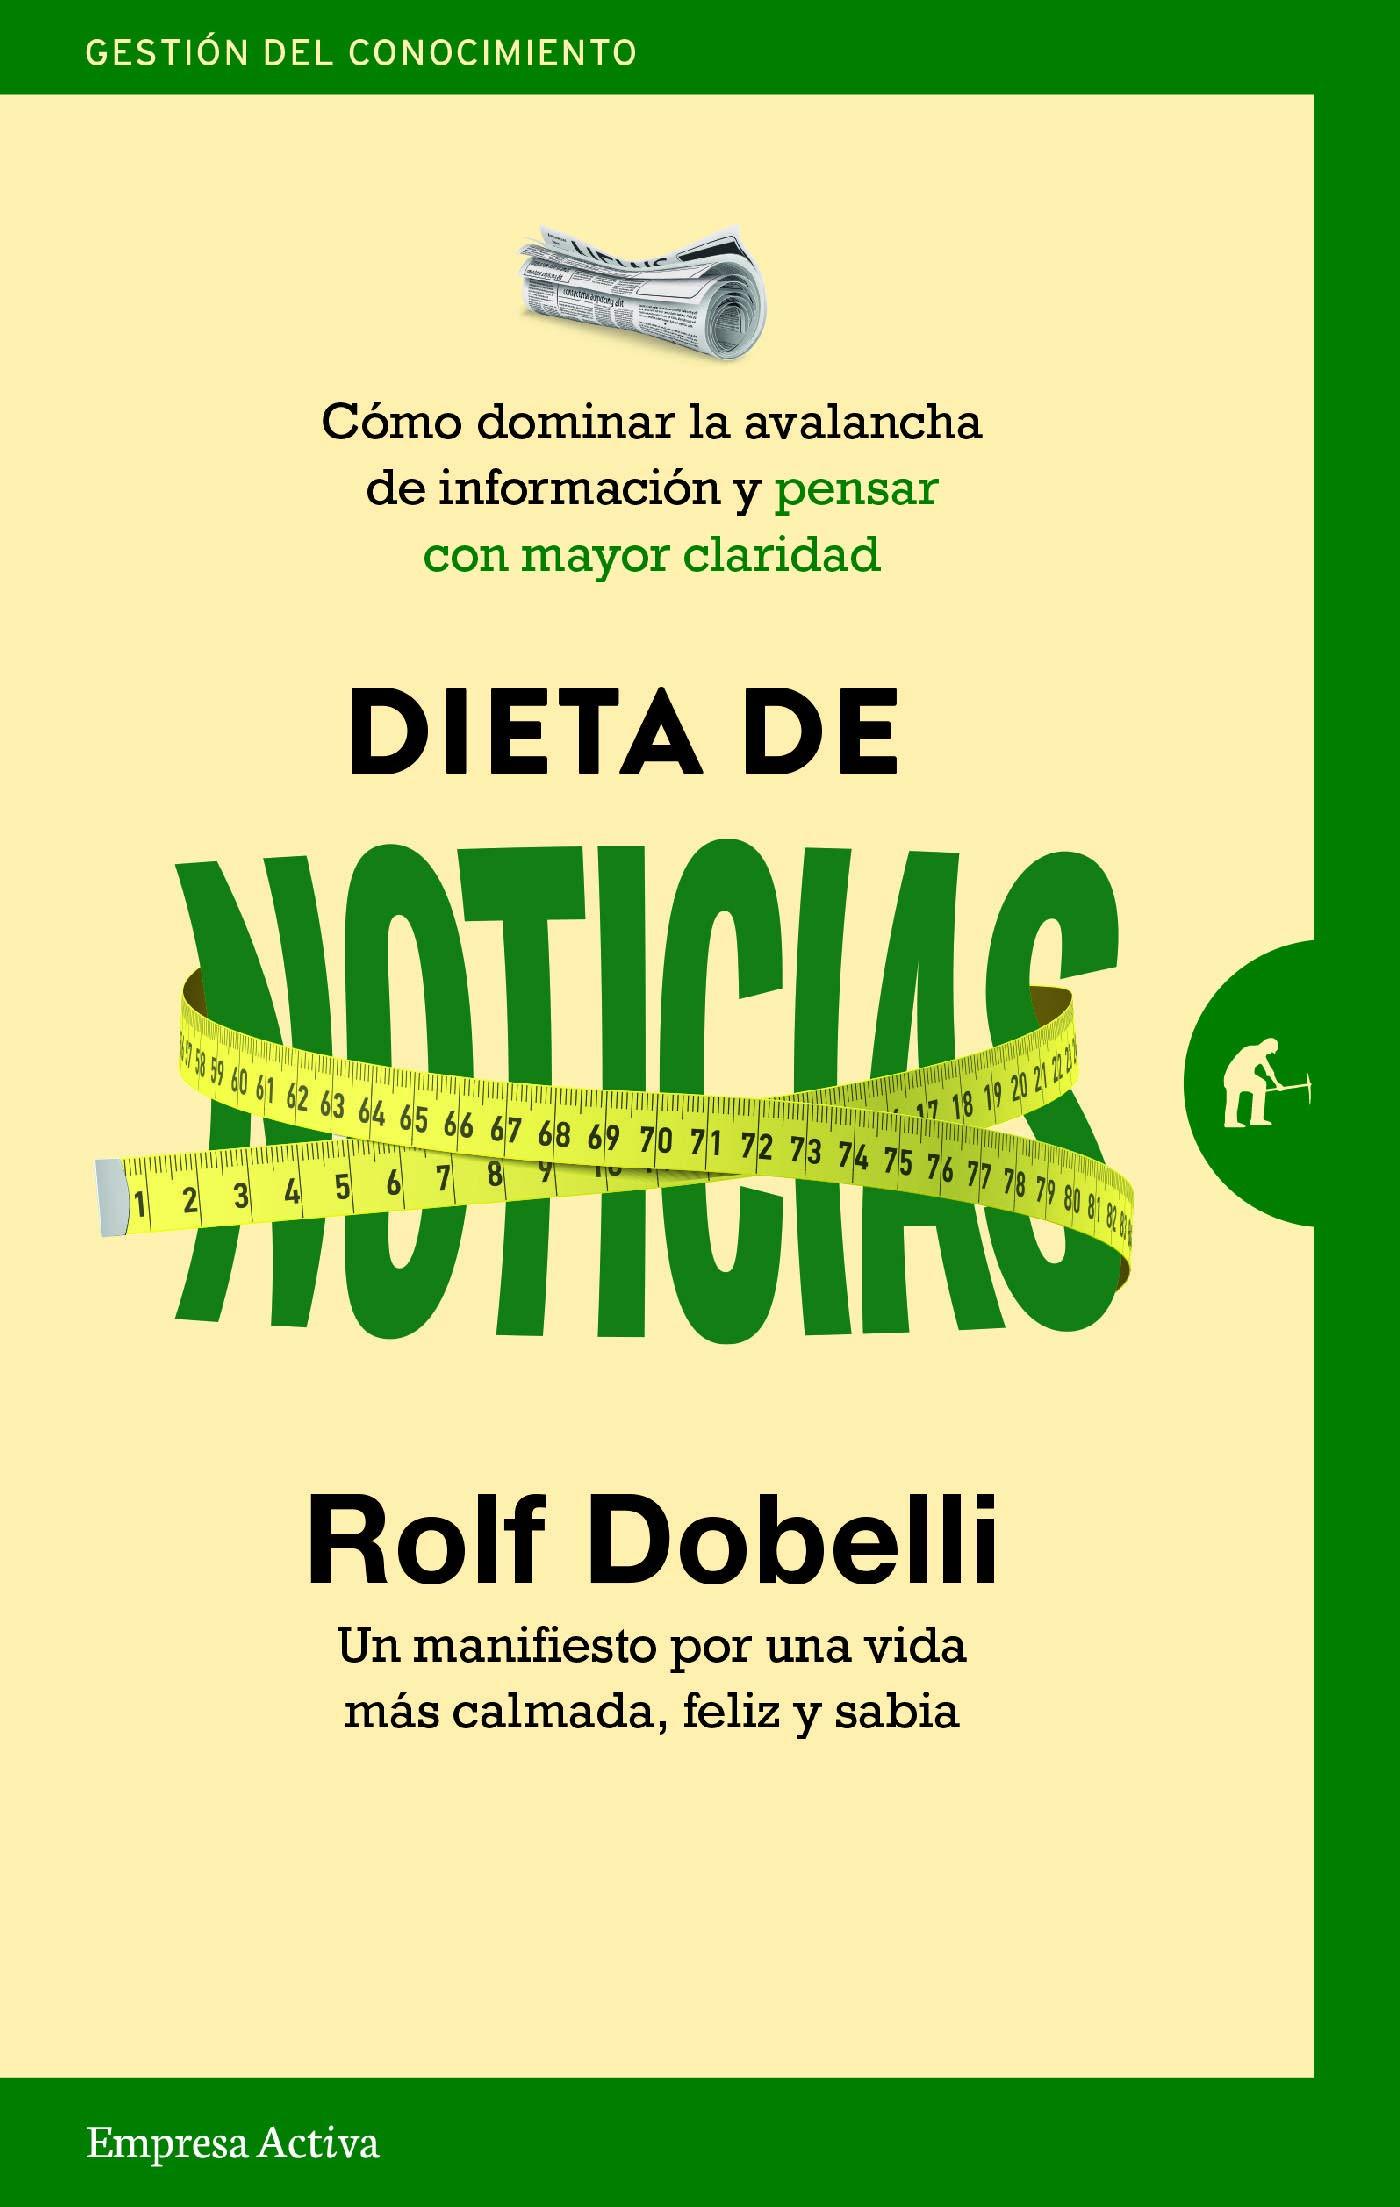 Dieta de noticias: Cómo dominar la avalancha de información y pensar con mayor claridad (Gestión del conocimiento) (Spanish Edition)